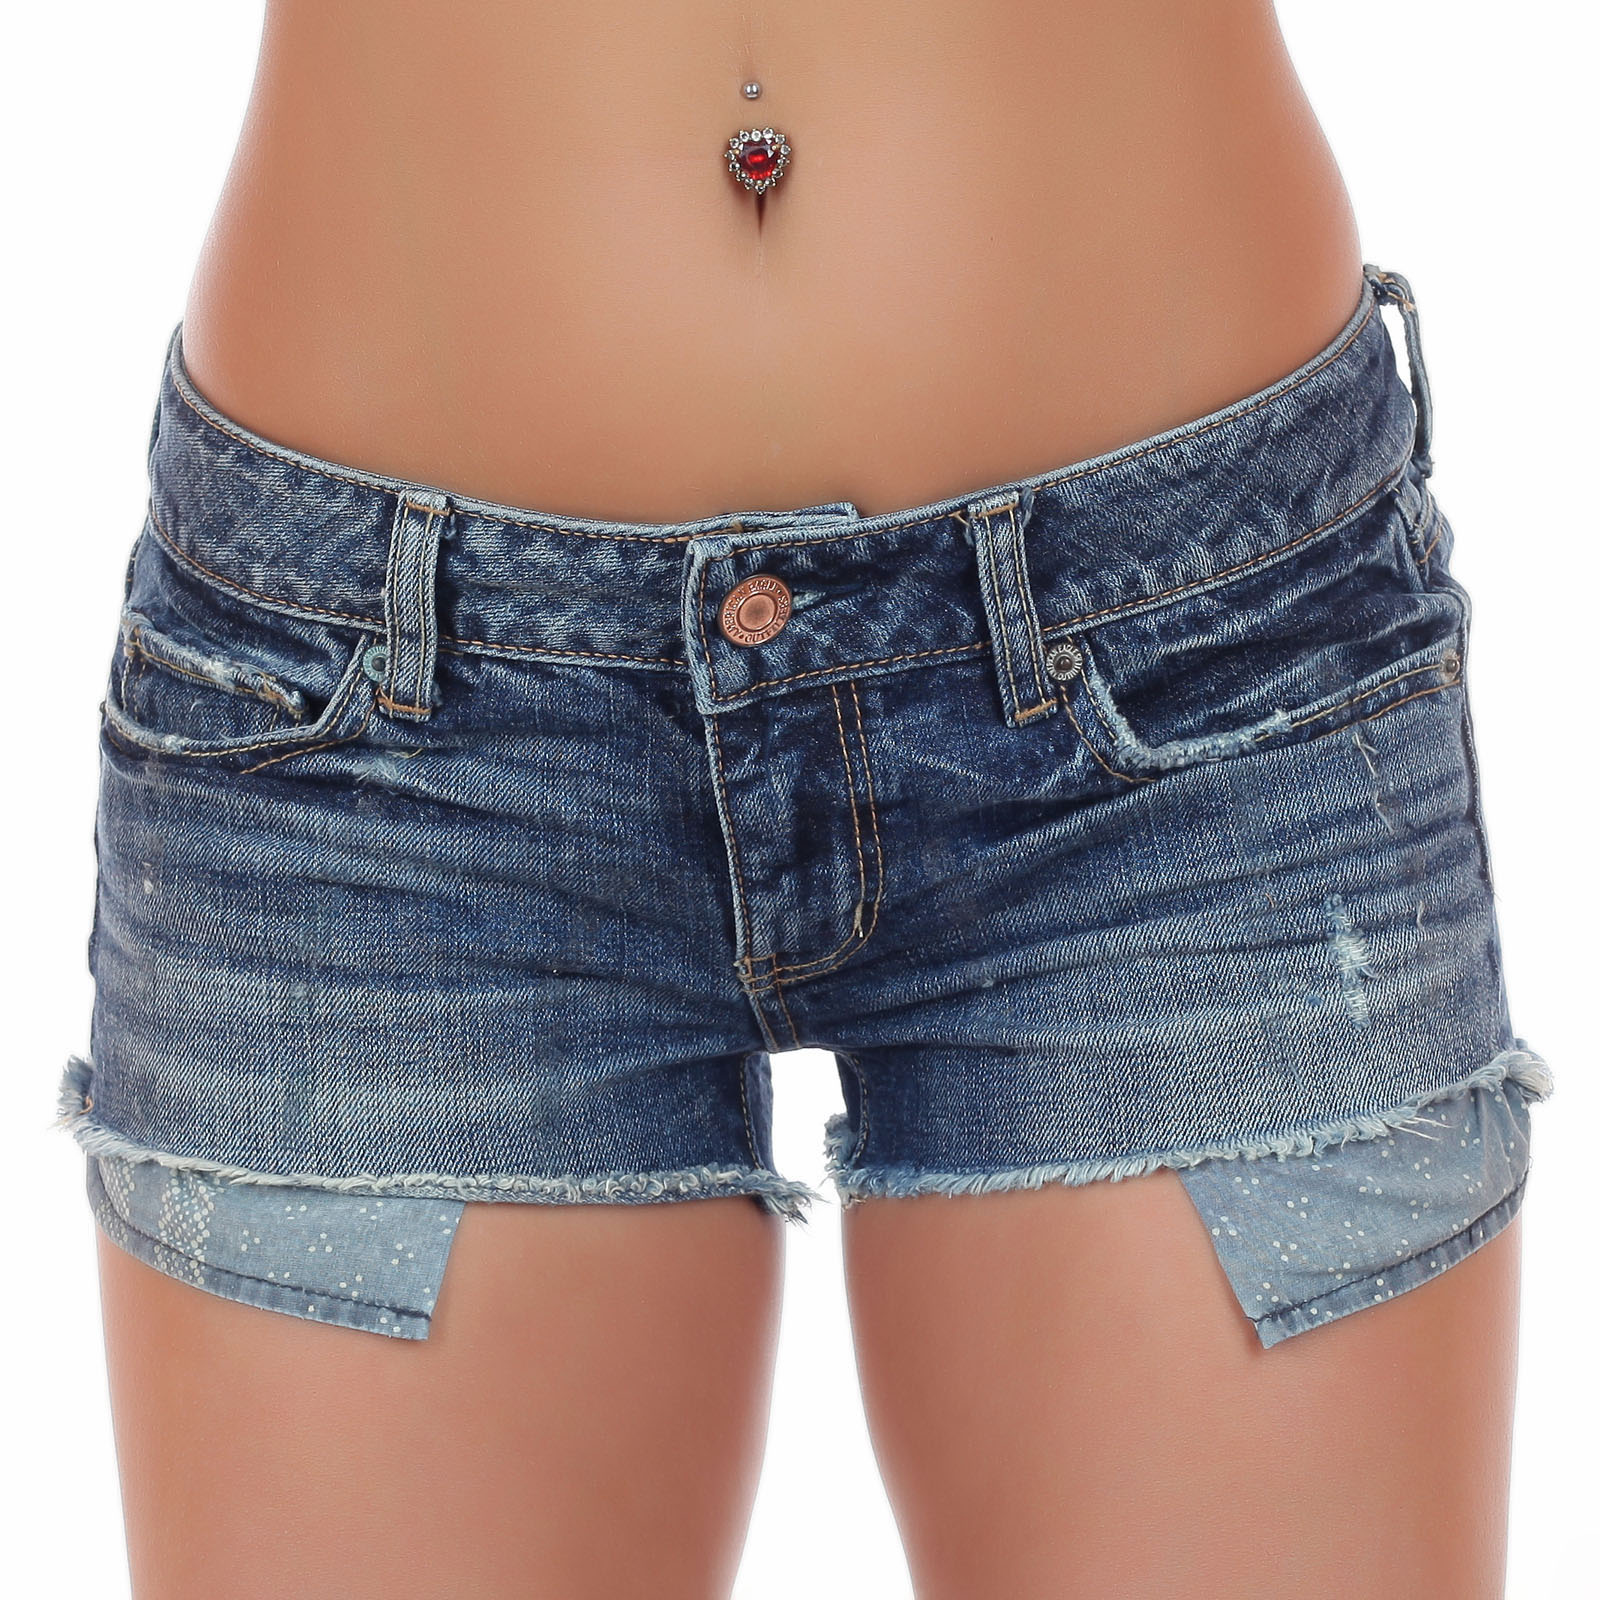 Женские джинсовые шорты с эротично-выглядывающими карманами. Лимитированная серия от ТМ American Eagle